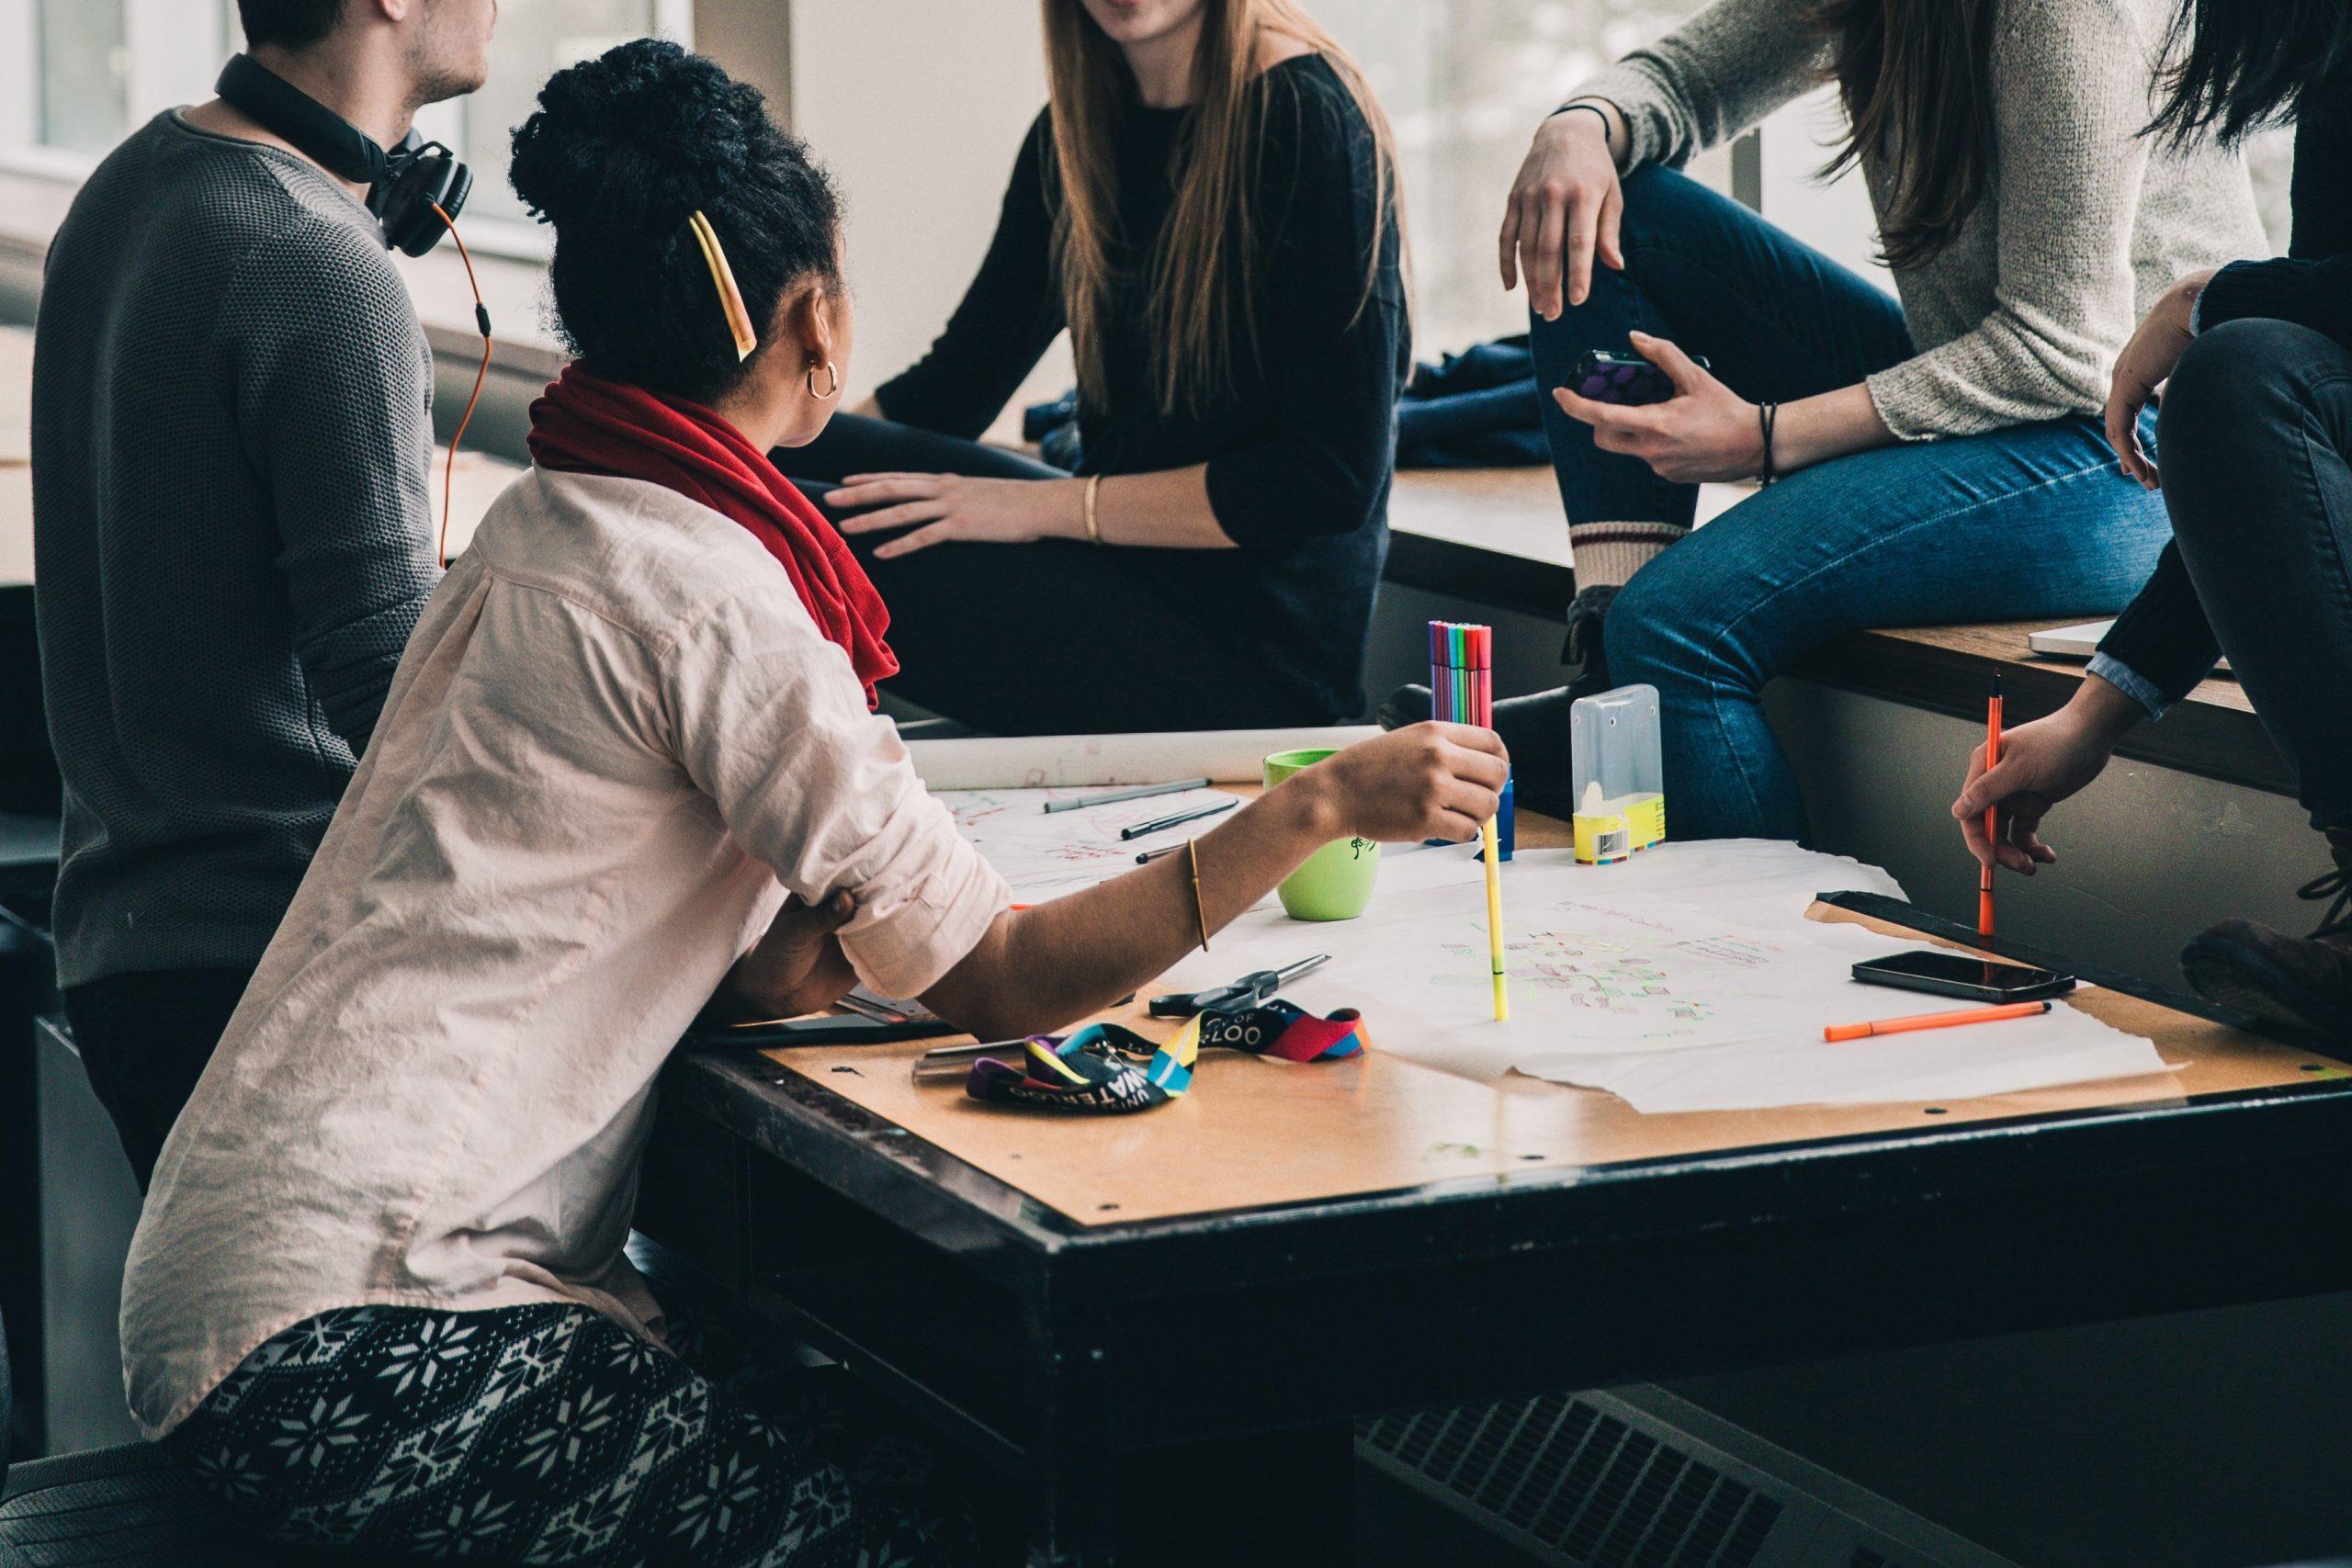 Les directions générales de 12 cégeps de régions éloignées dont le Cégep de Chicoutimi sont fières d'annoncer la création du Regroupement des cégeps de régions (RCR), une instance qui découle d'un comité qui a été formé il y a un an et qui s'officialise aujourd'hui.